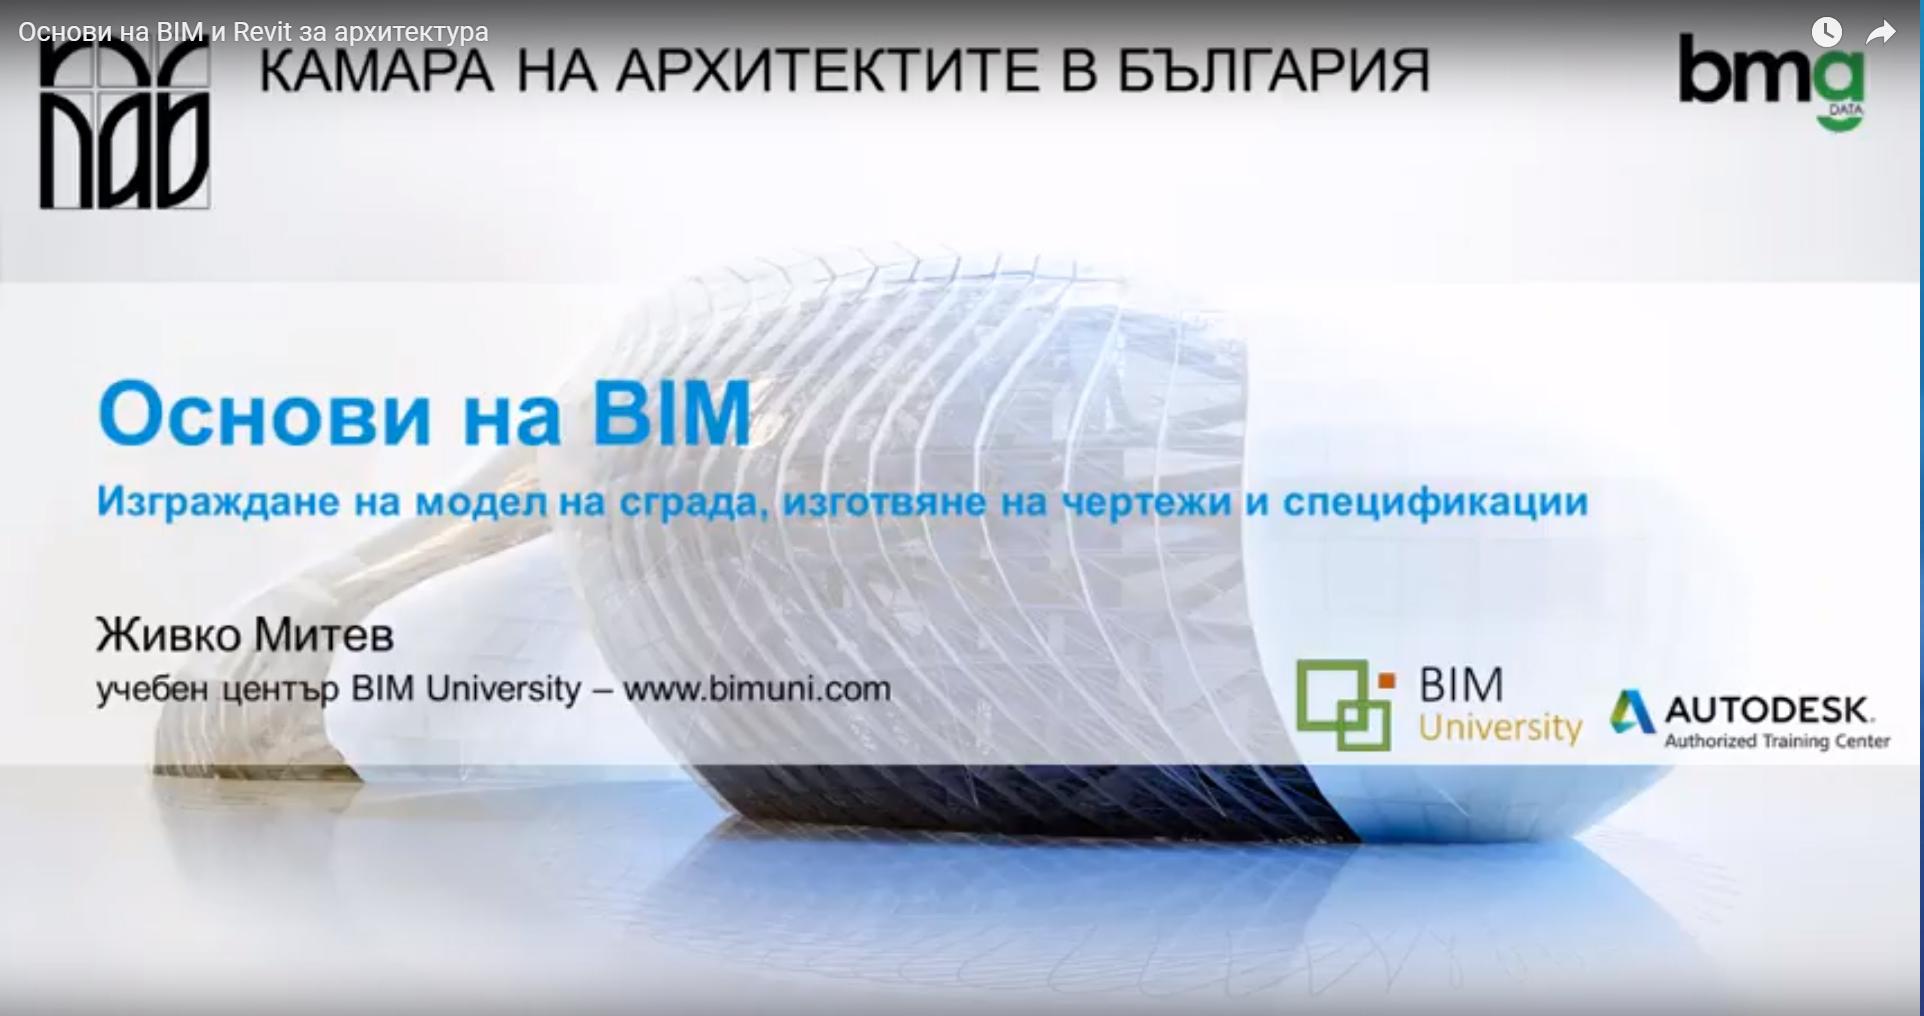 Основи на BIM и Revit за архитектура